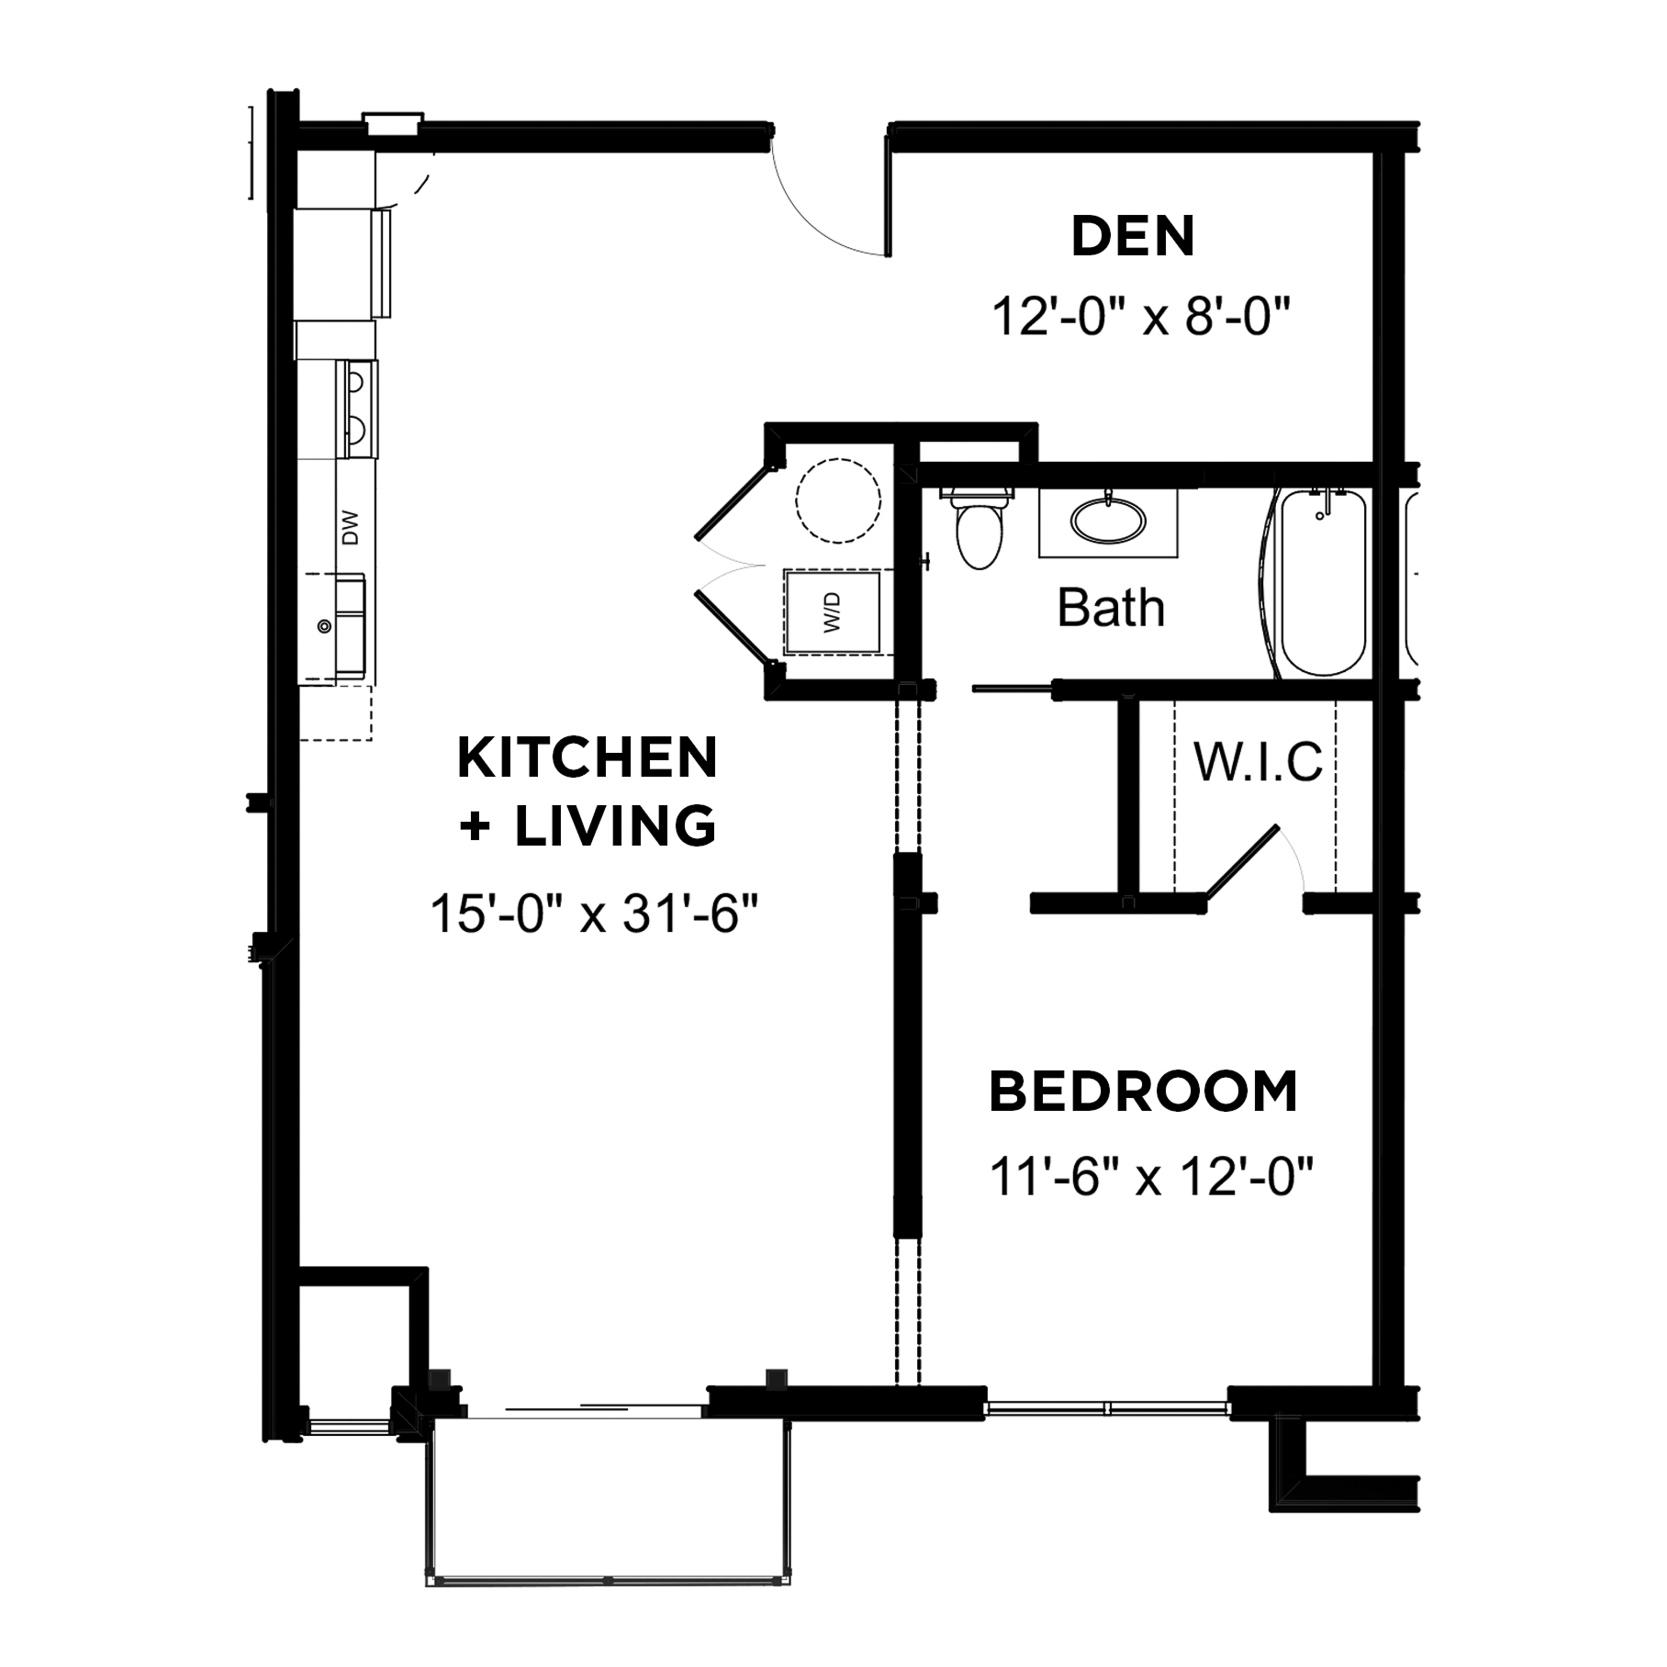 Suite A2 (The Penn Building)